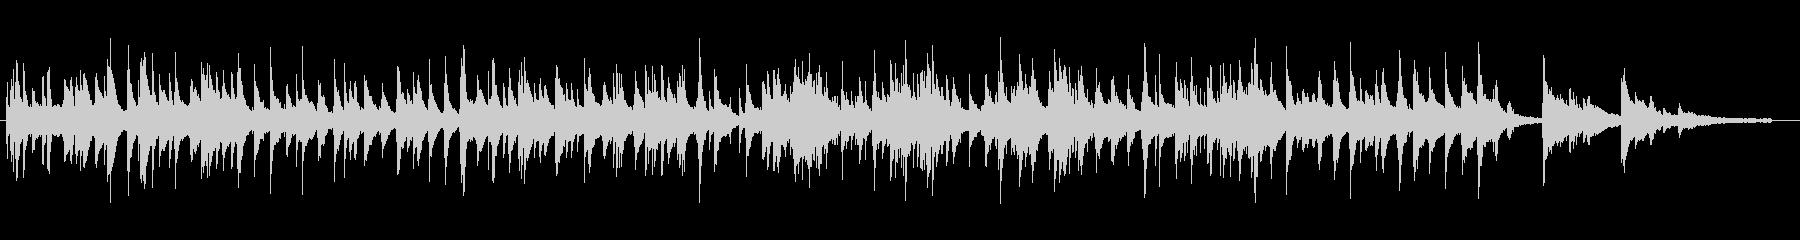 柔らかく滑らかなピアノジャズワルツの未再生の波形